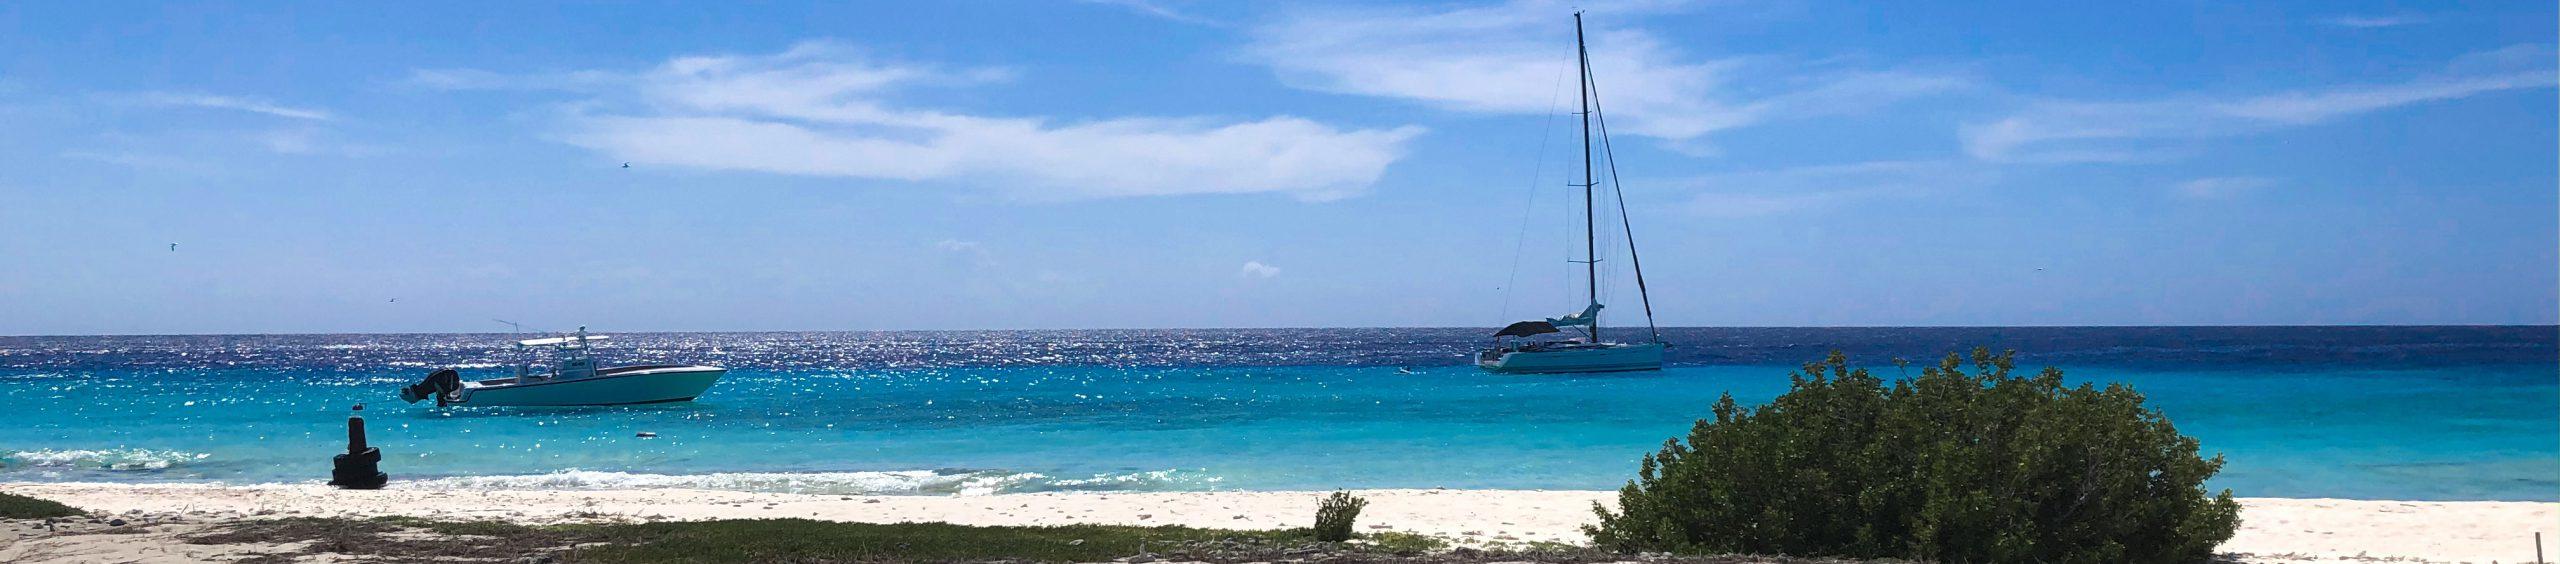 Huis kopen op Curaçao